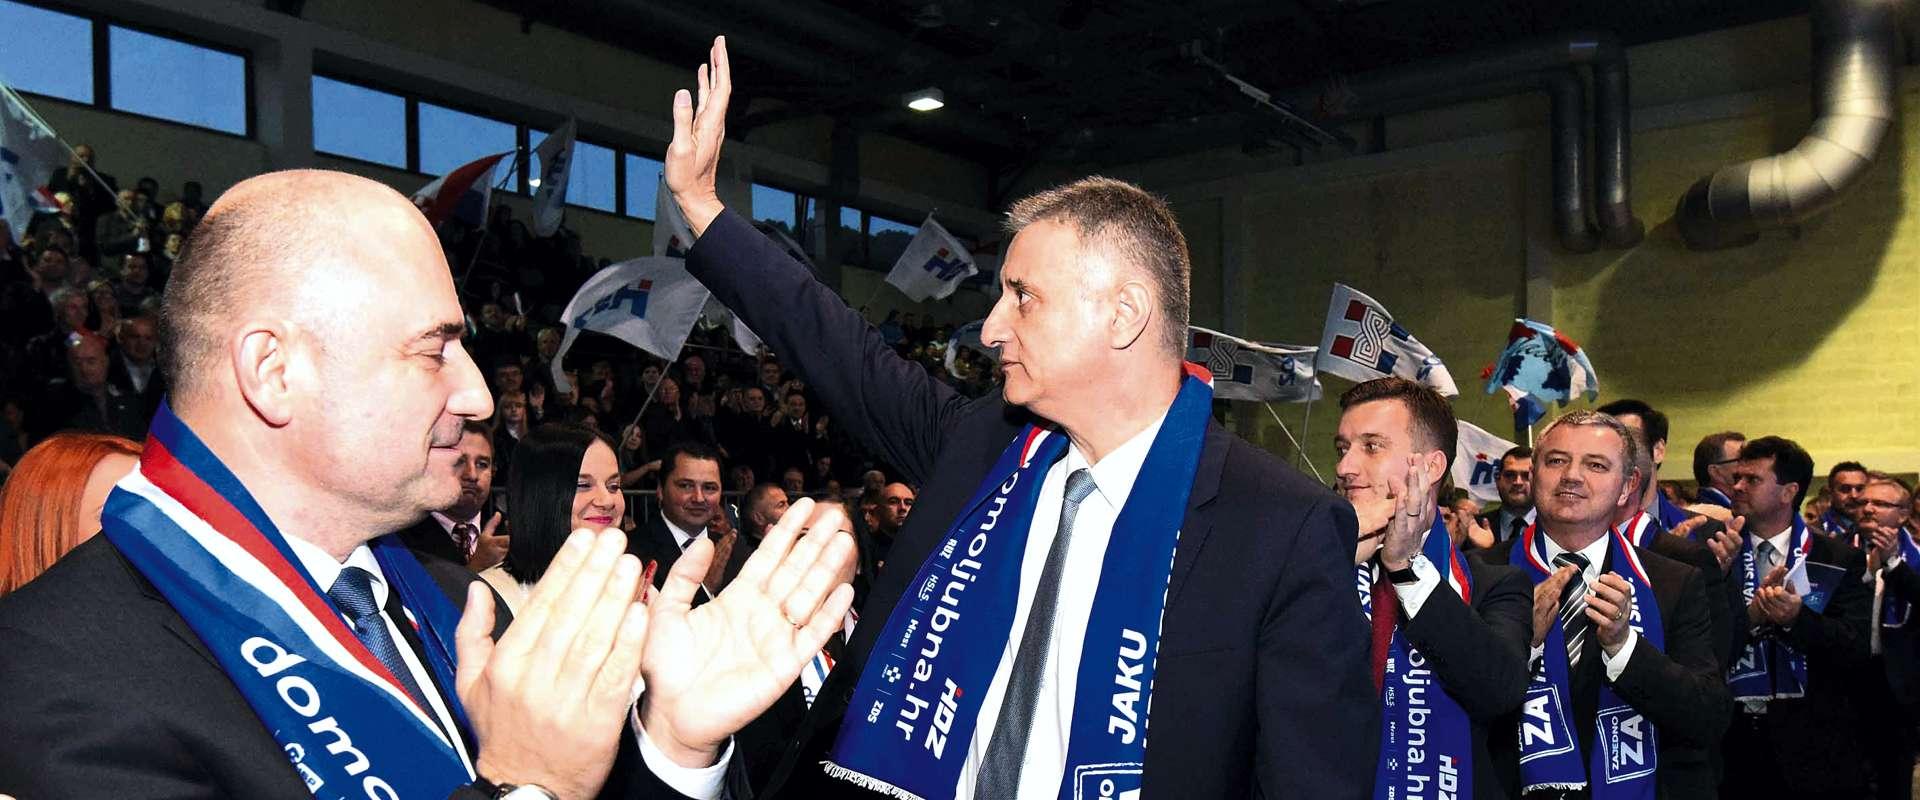 IZBORI U HDZ-u: Karamarko jedini kandidat za predsjednika stranke